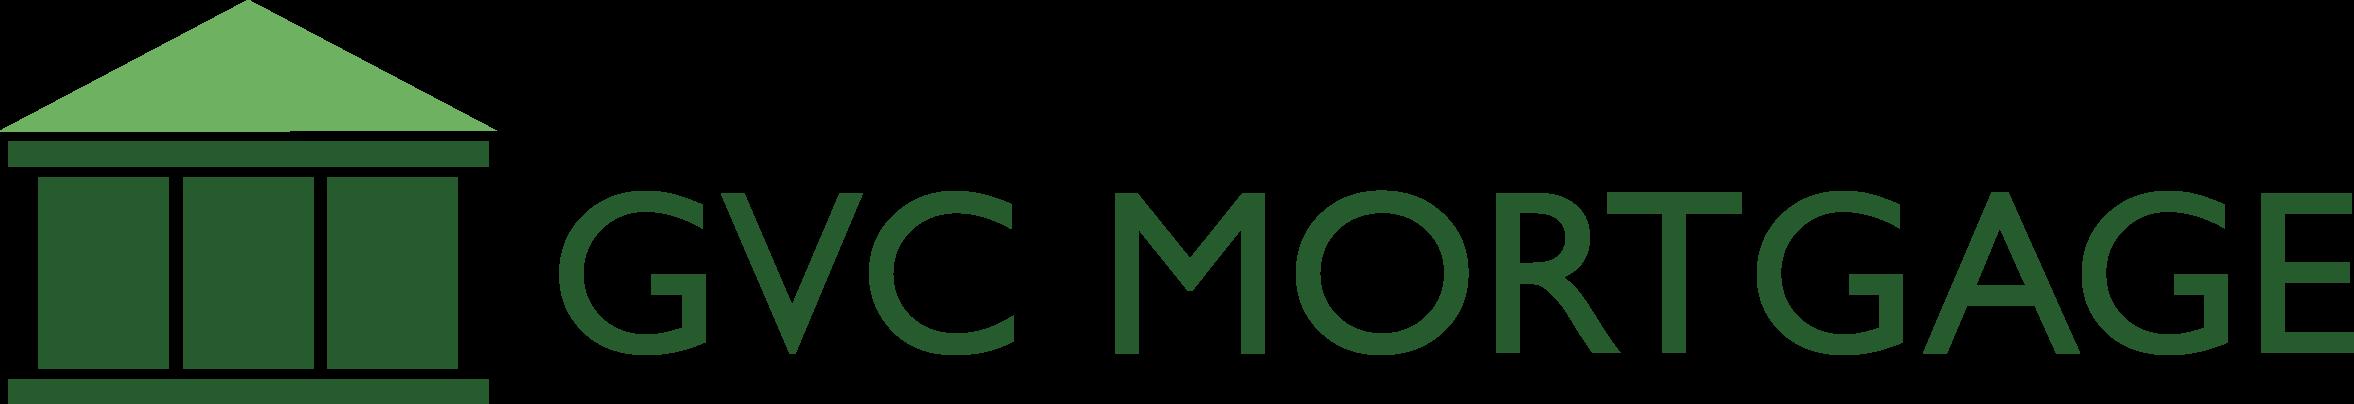 GVC Mortgage, Inc. logo